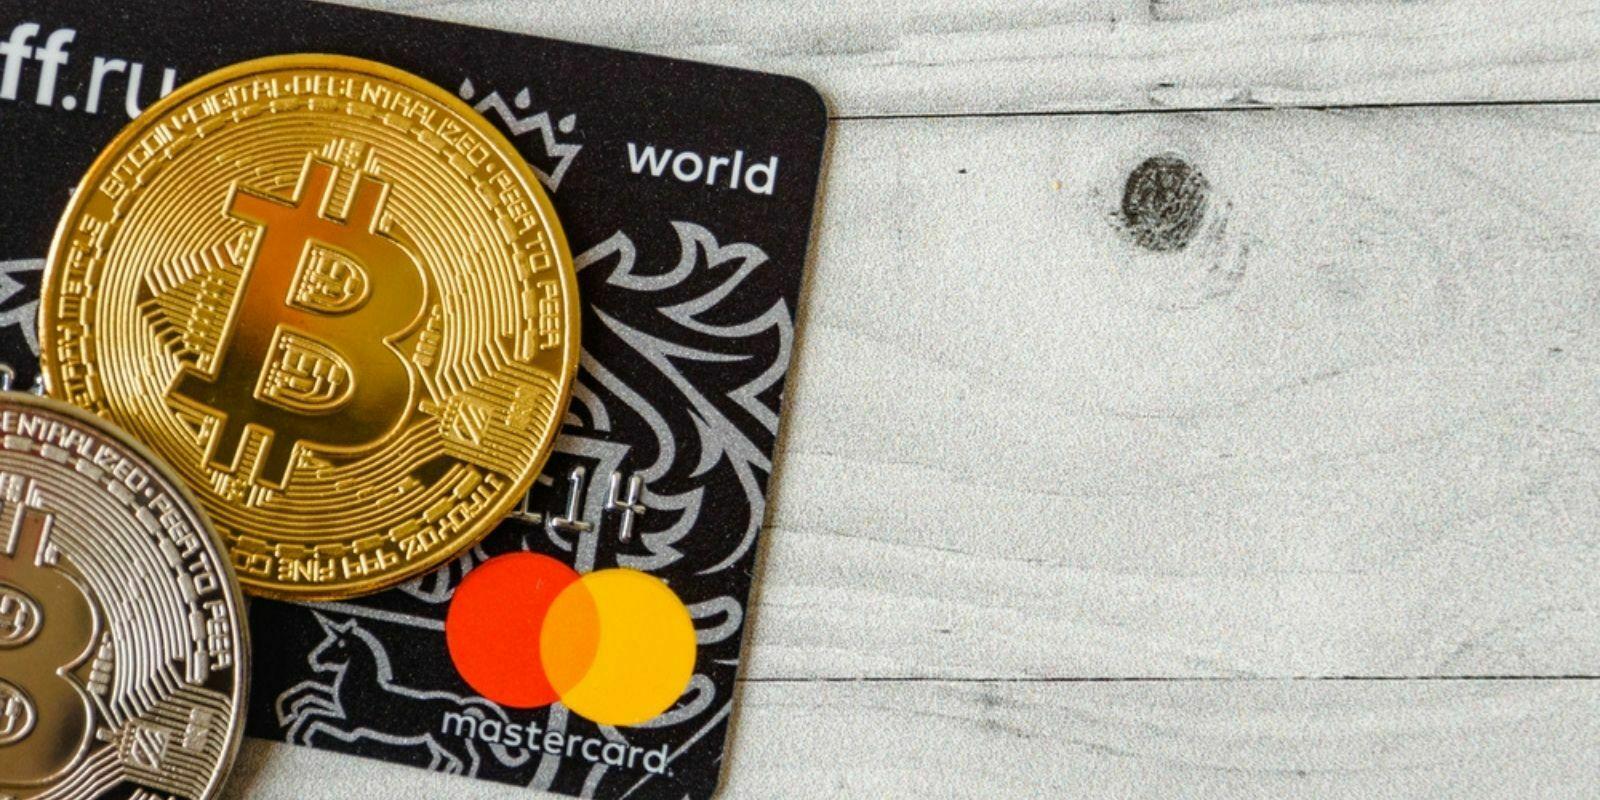 Selon Mastercard, l'usage des cryptomonnaies pour le paiement gagne du terrain